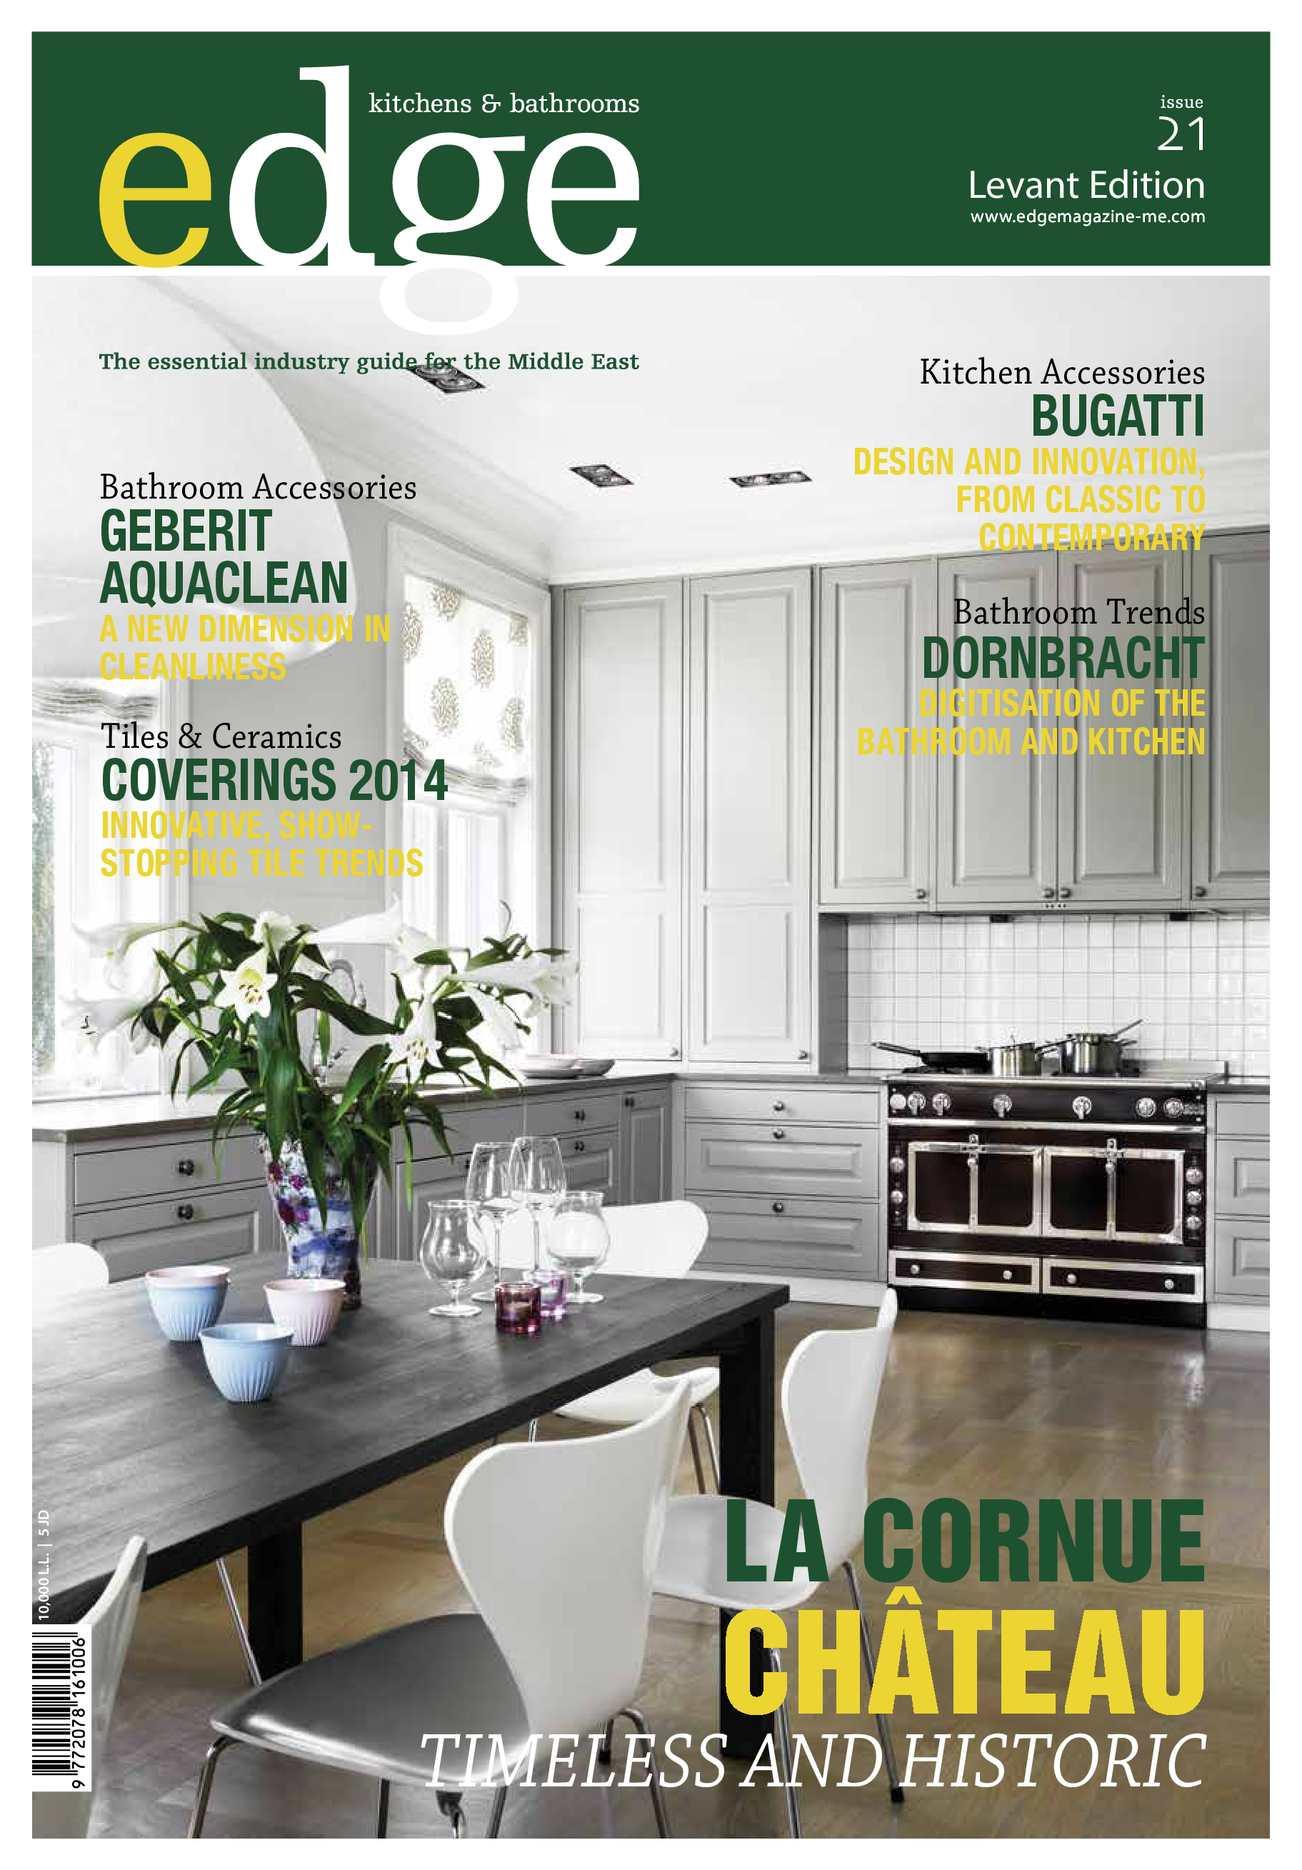 Calaméo - Edge Levant August Issue 21